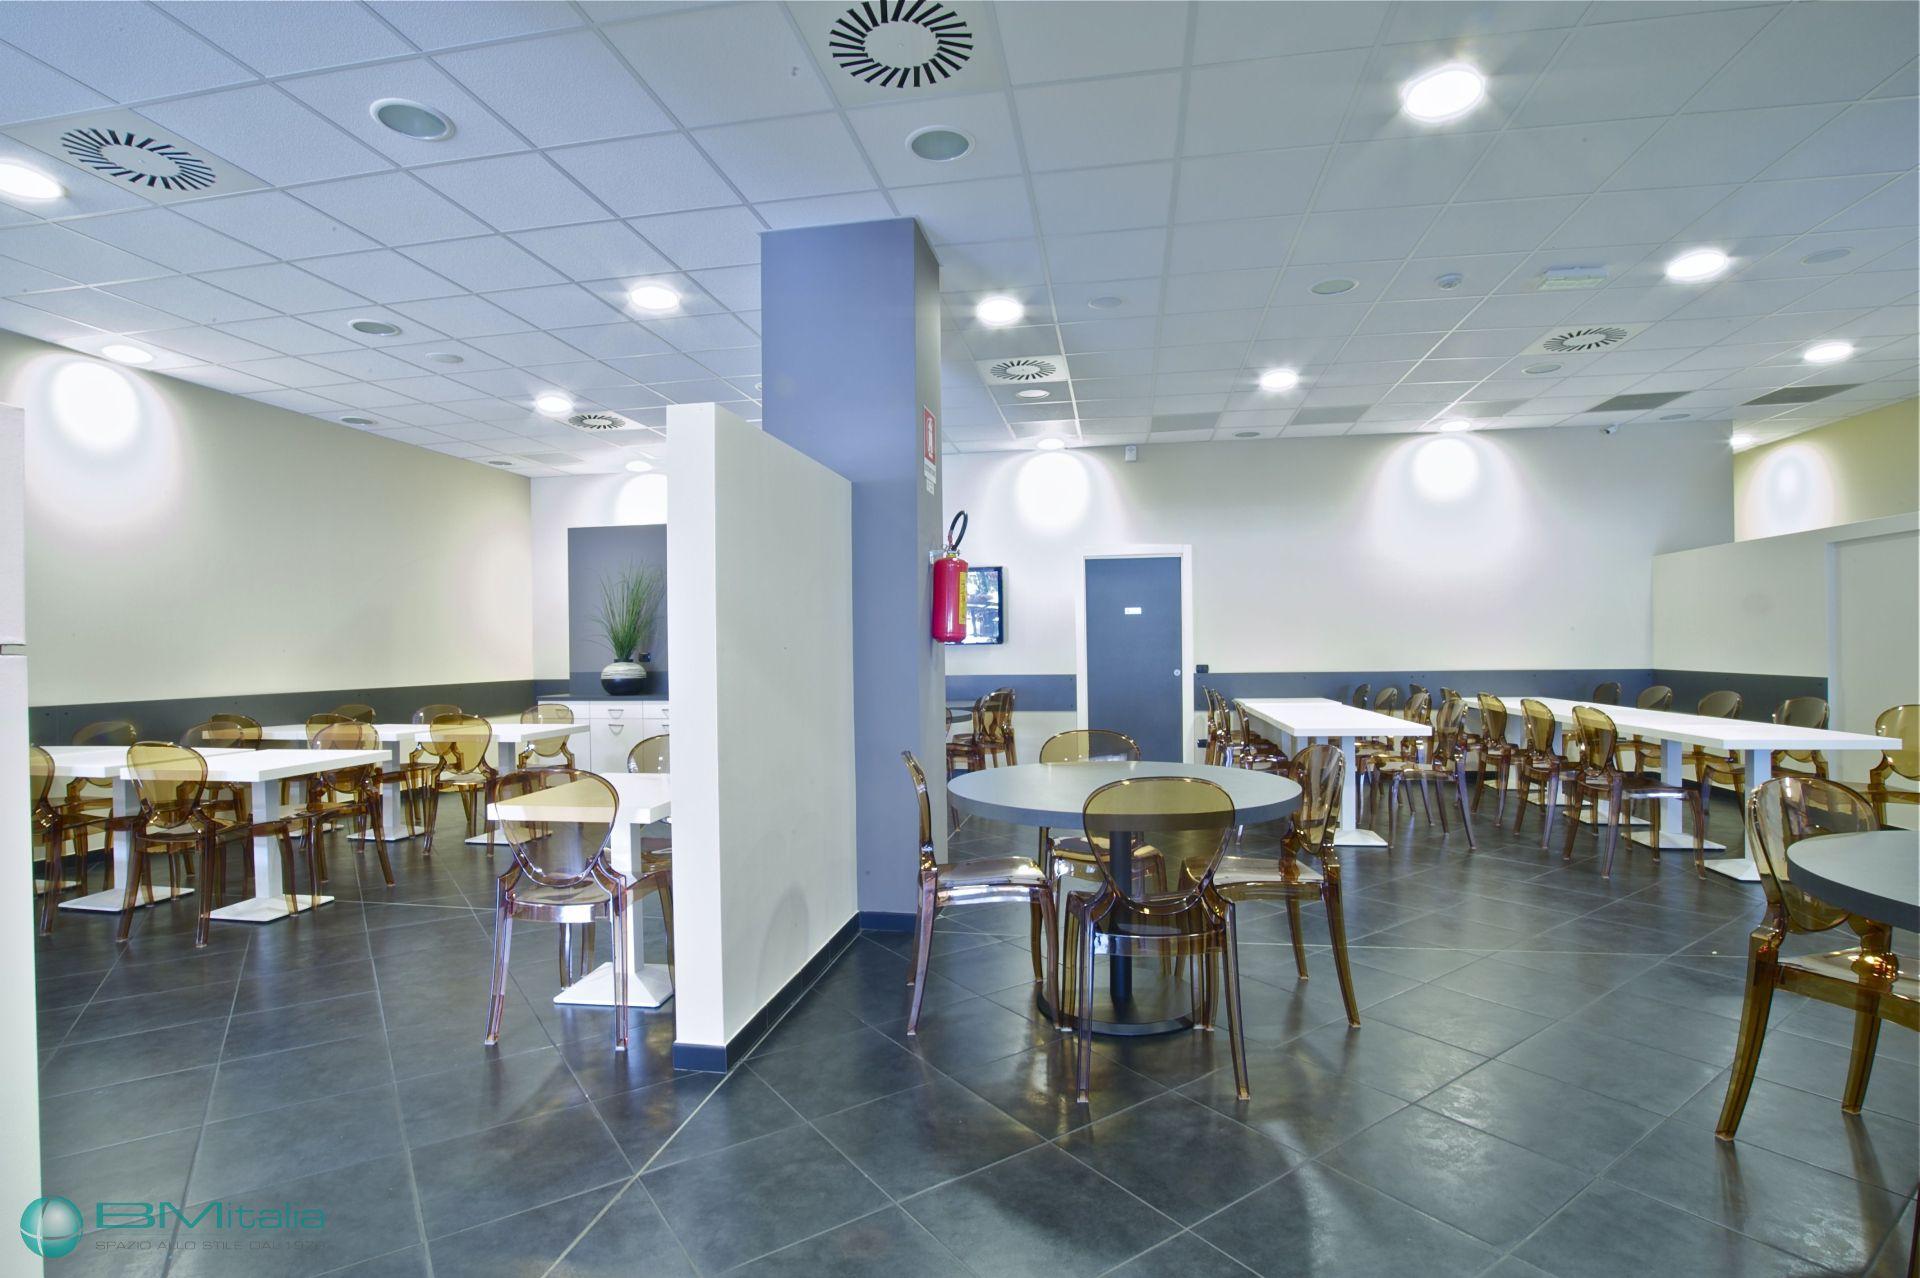 Progettazione e realizzazione arredamenti per ristoranti for Bm arredamenti